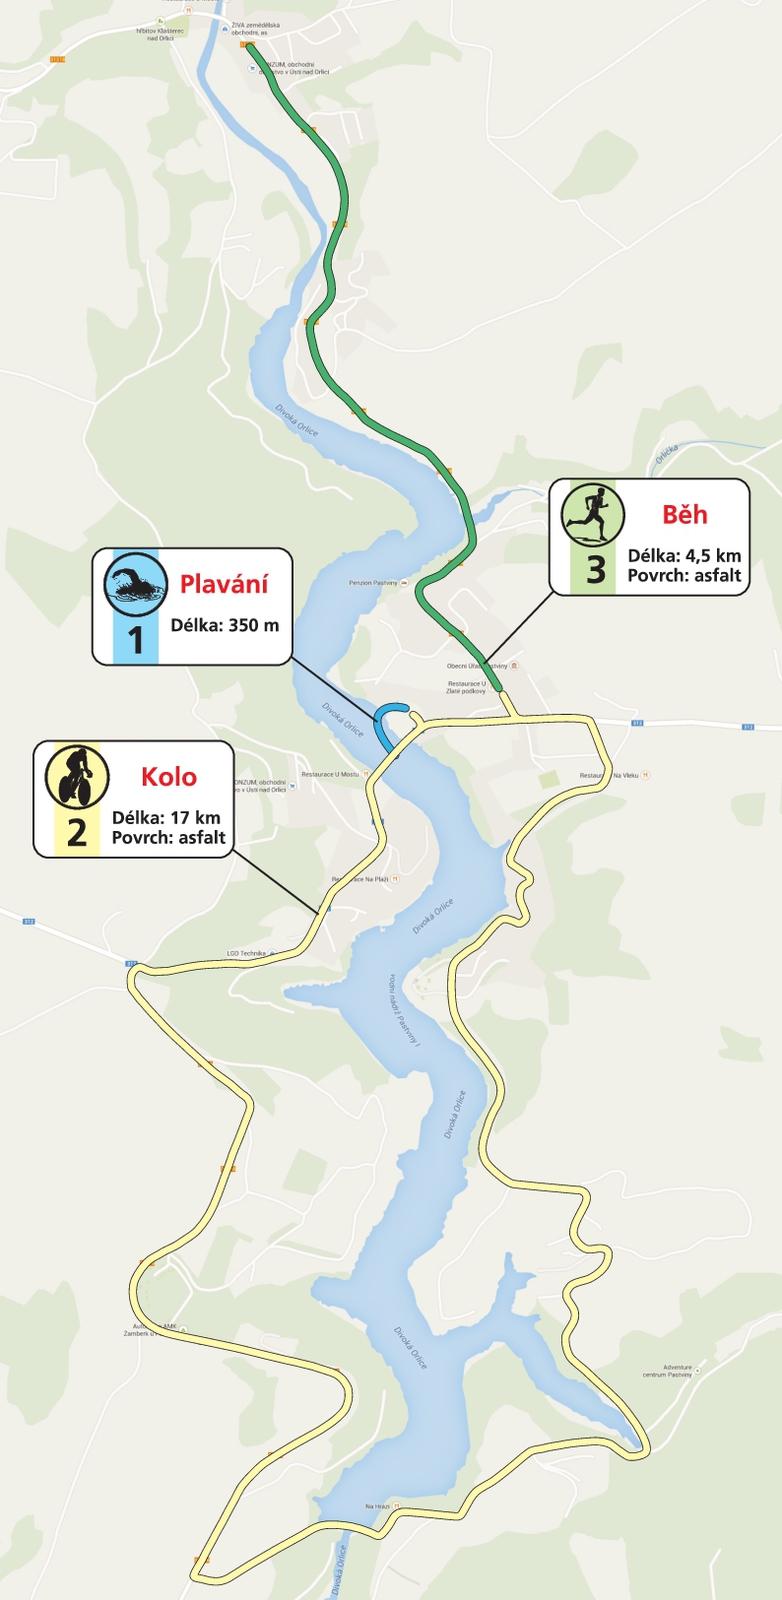 Triatlon-mapa.jpg